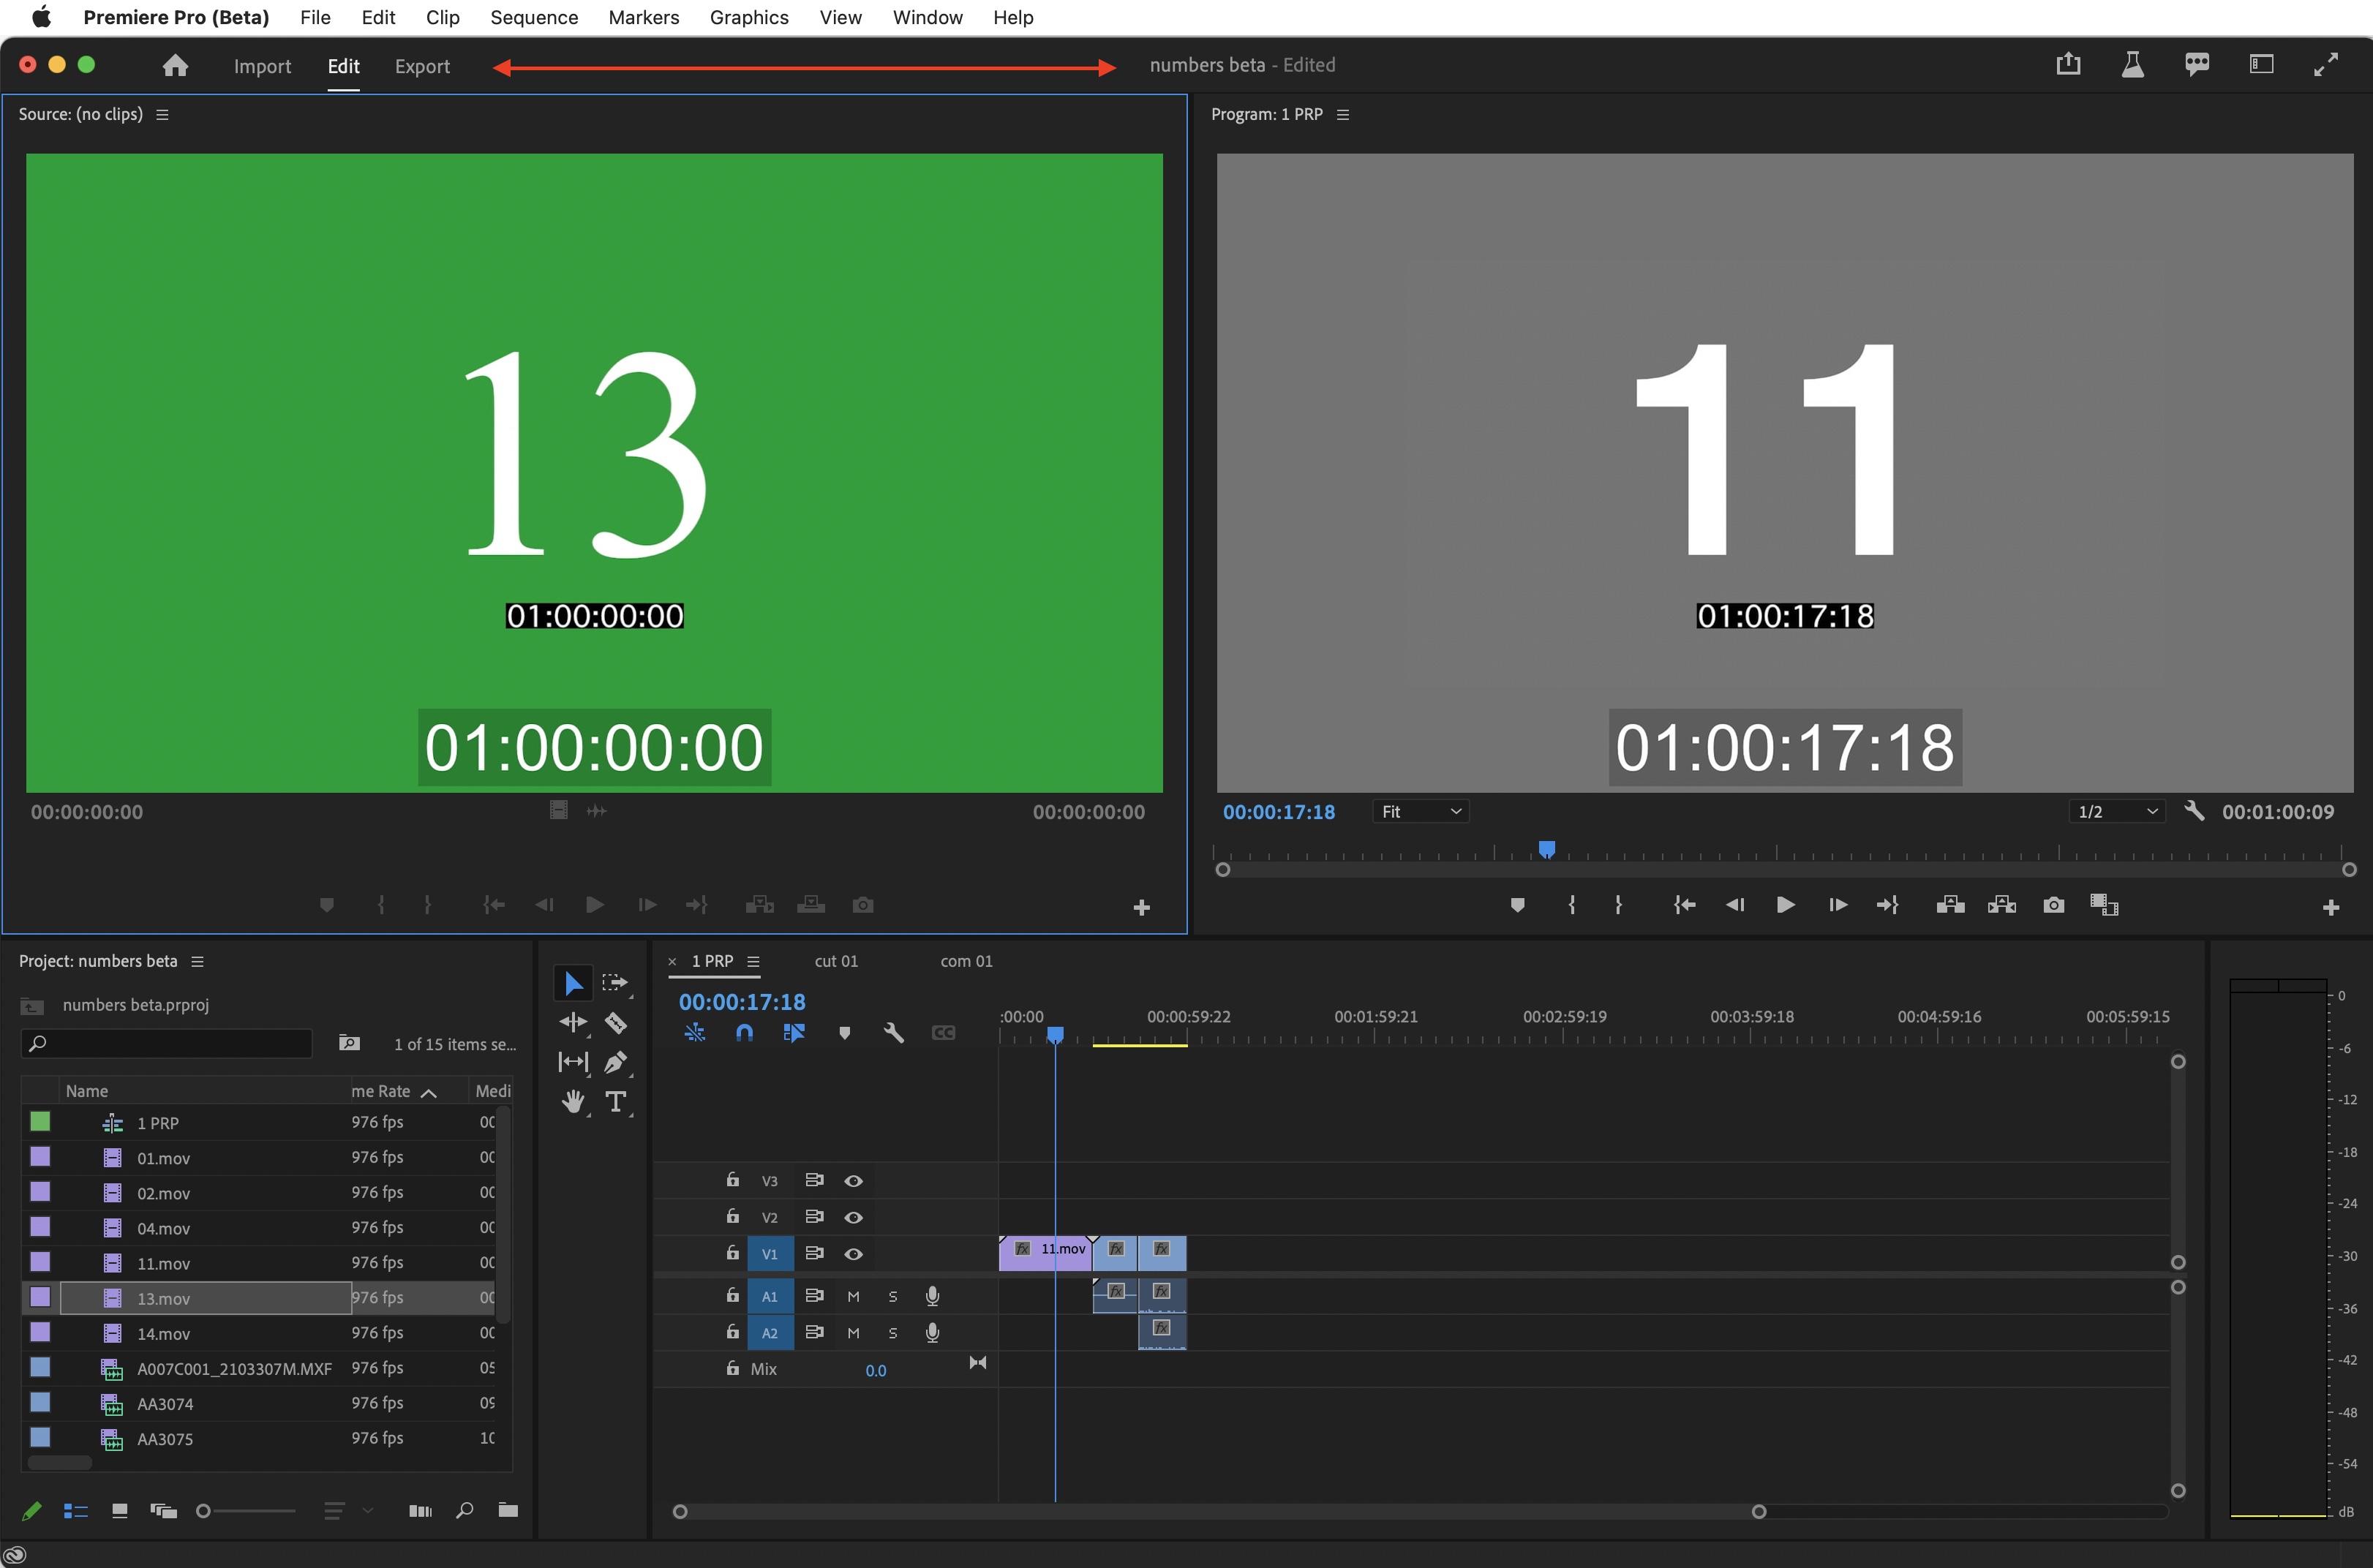 Una nueva experiencia de Adobe Premiere Pro comienza con nuevos flujos de trabajo de IMPORTACIÓN y EXPORTACIÓN 36